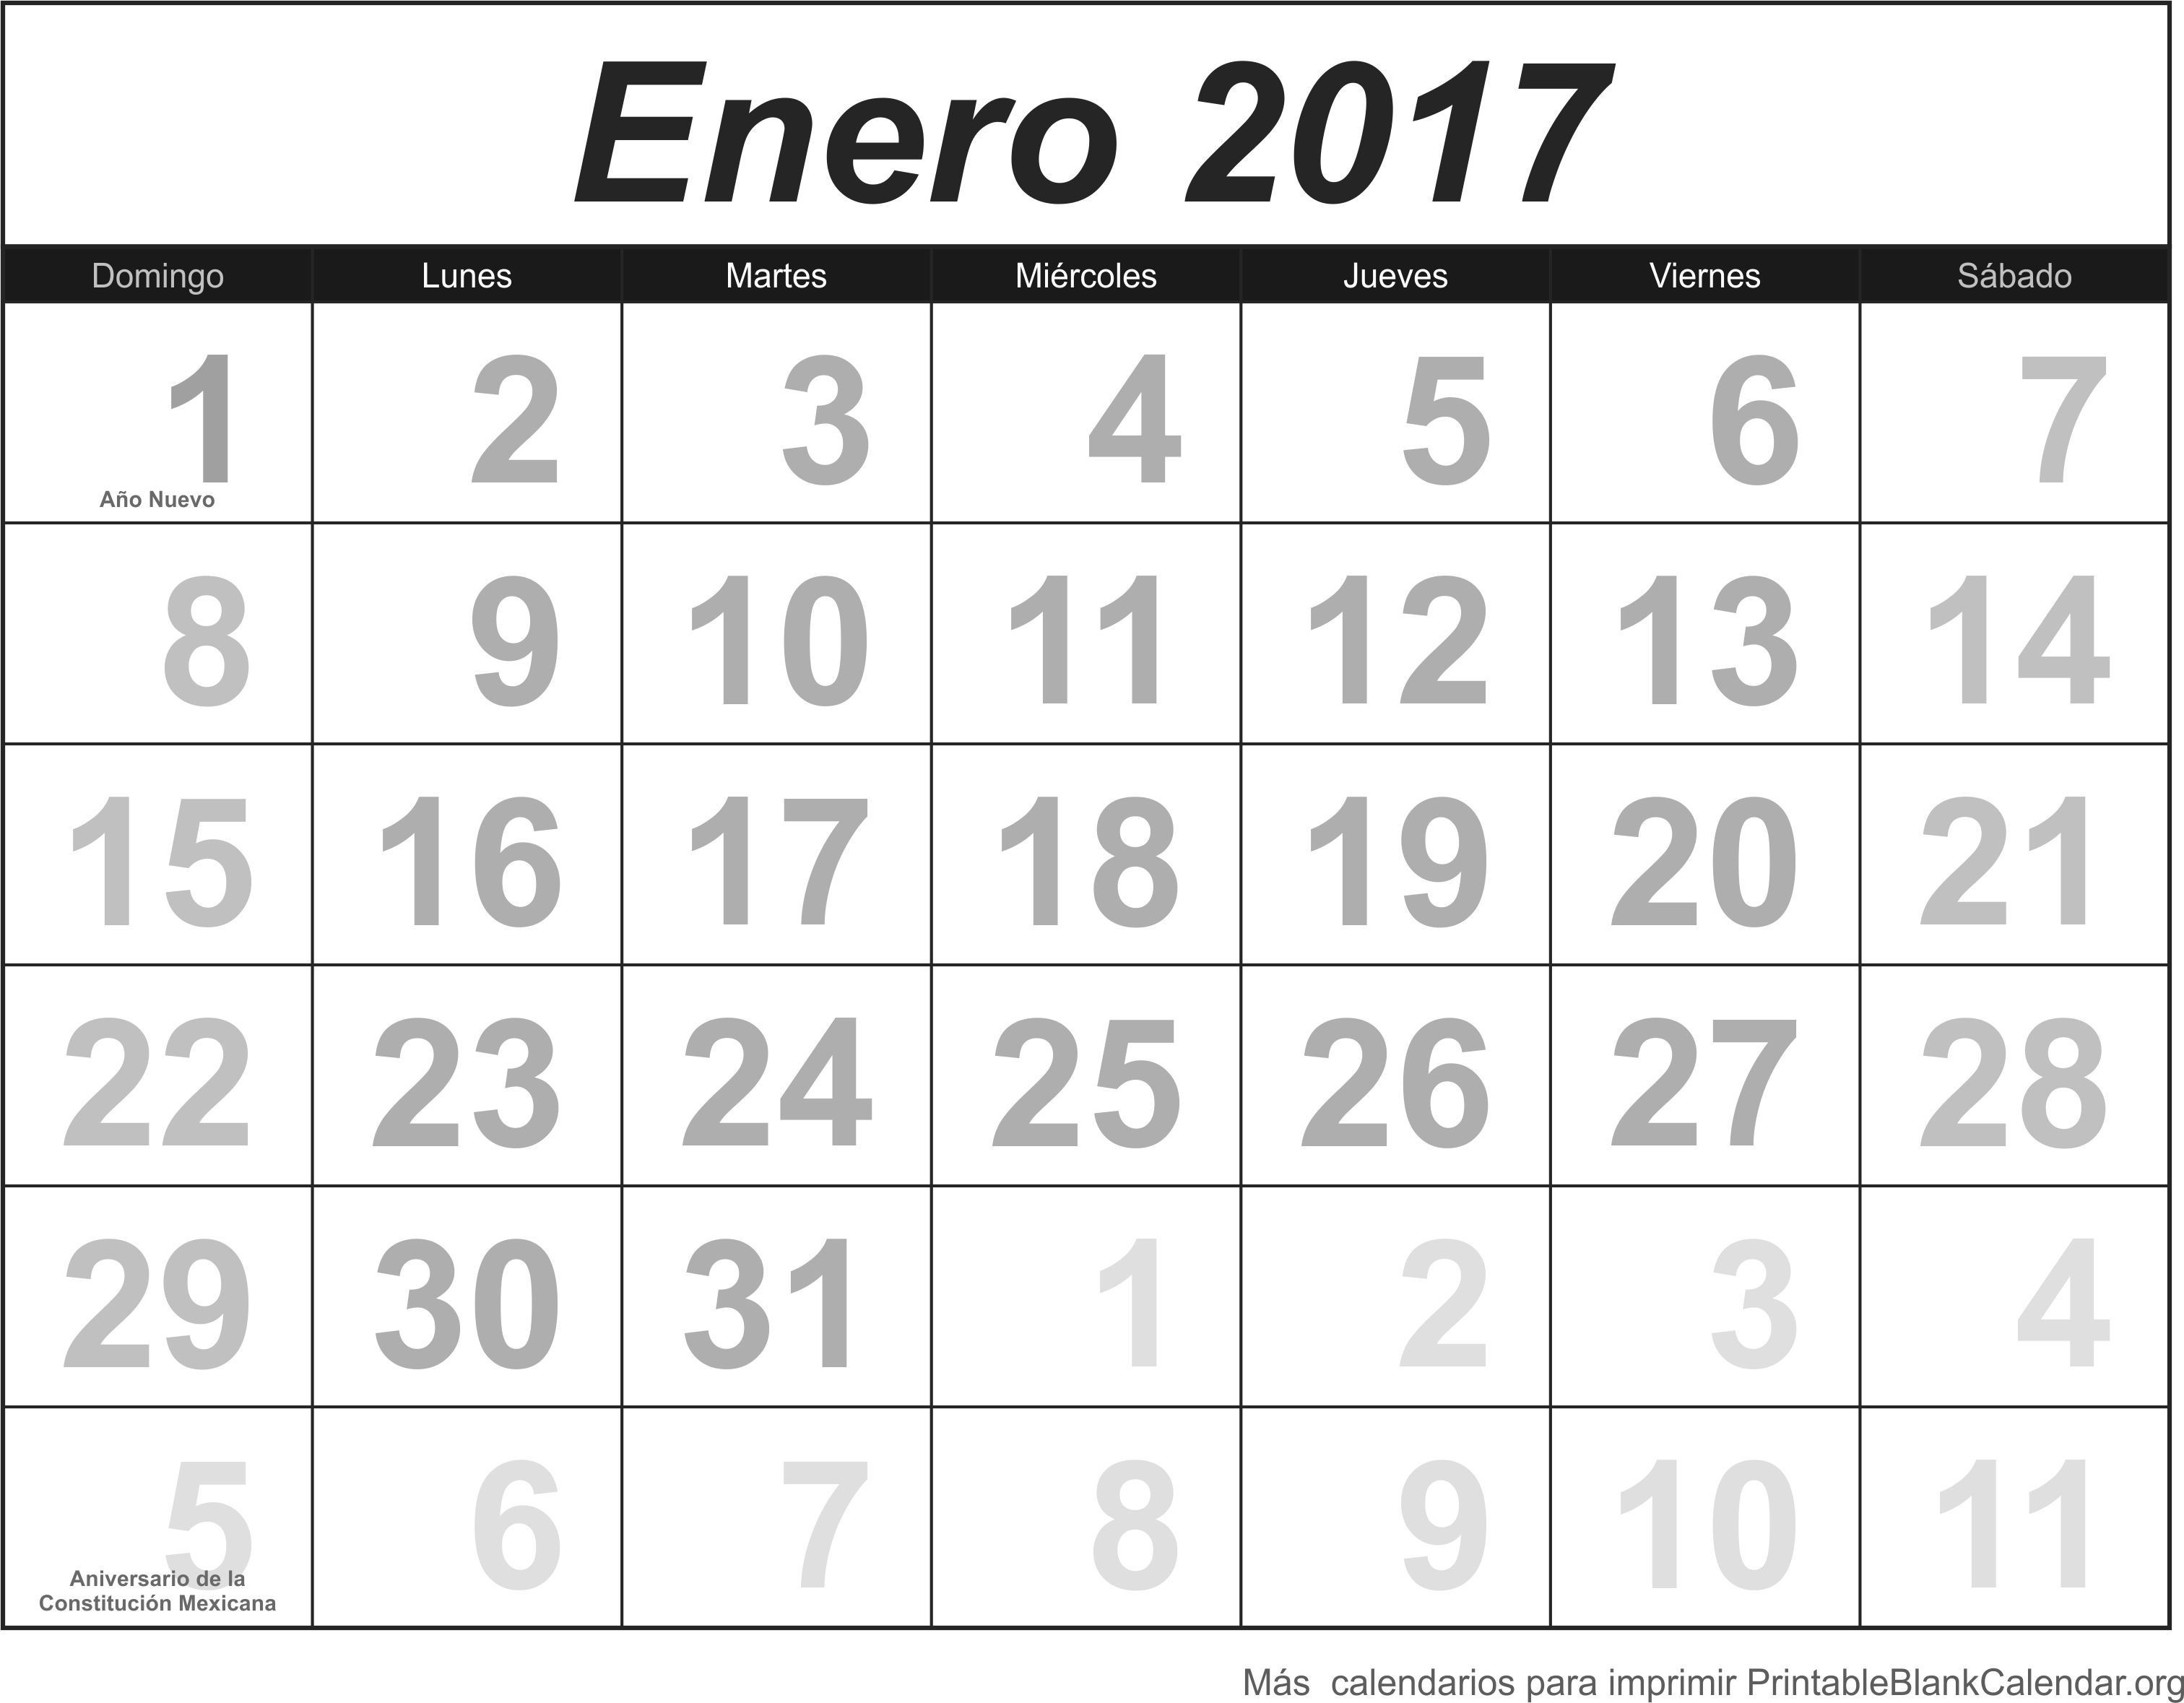 Enero 2017 Calendario Para Imprimir Calendarios Para